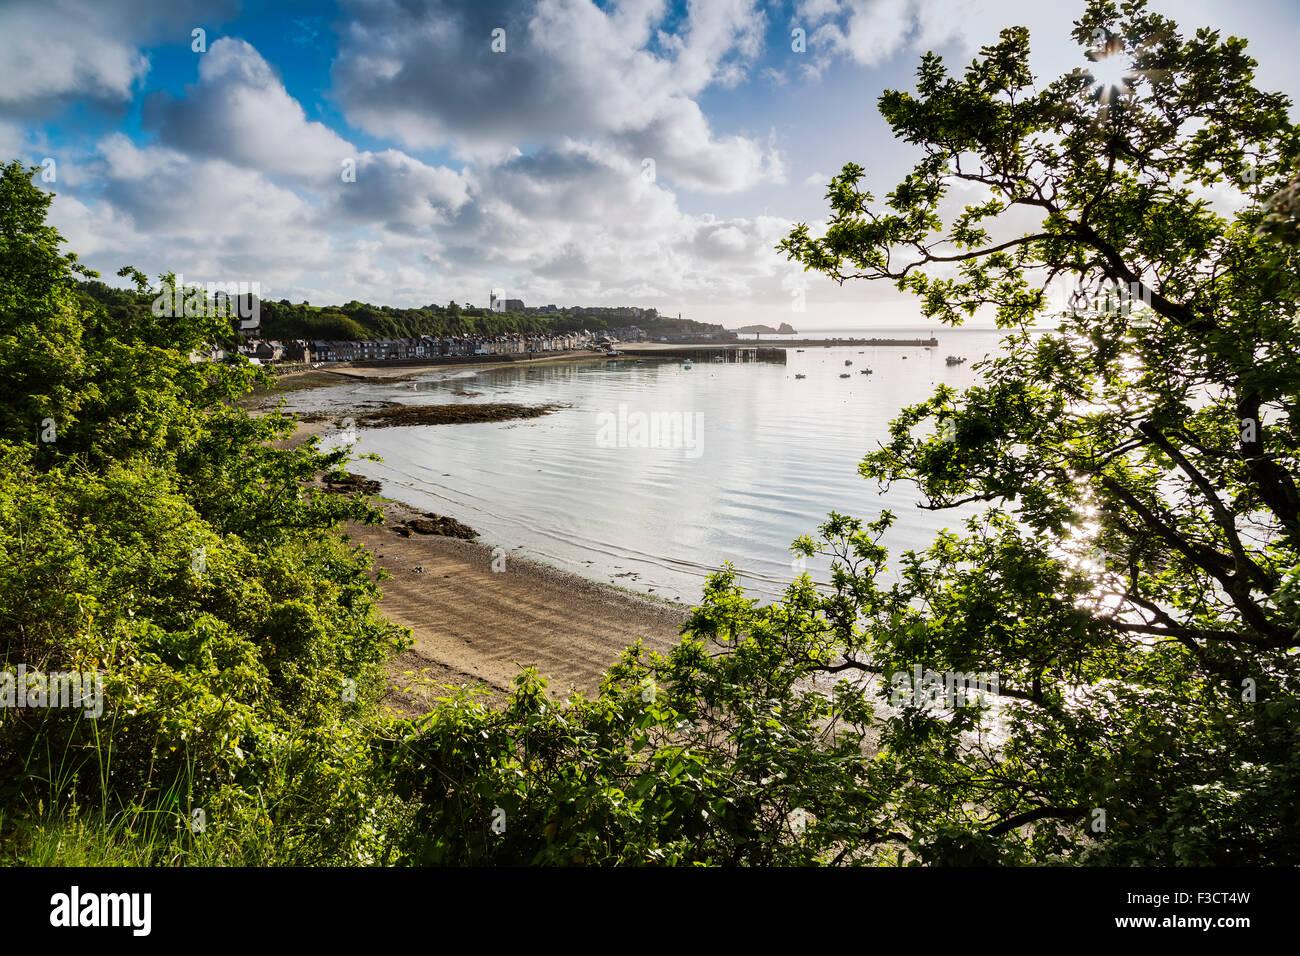 Las ostras de Cancale puerto francés Bretaña Francia Europa Imagen De Stock